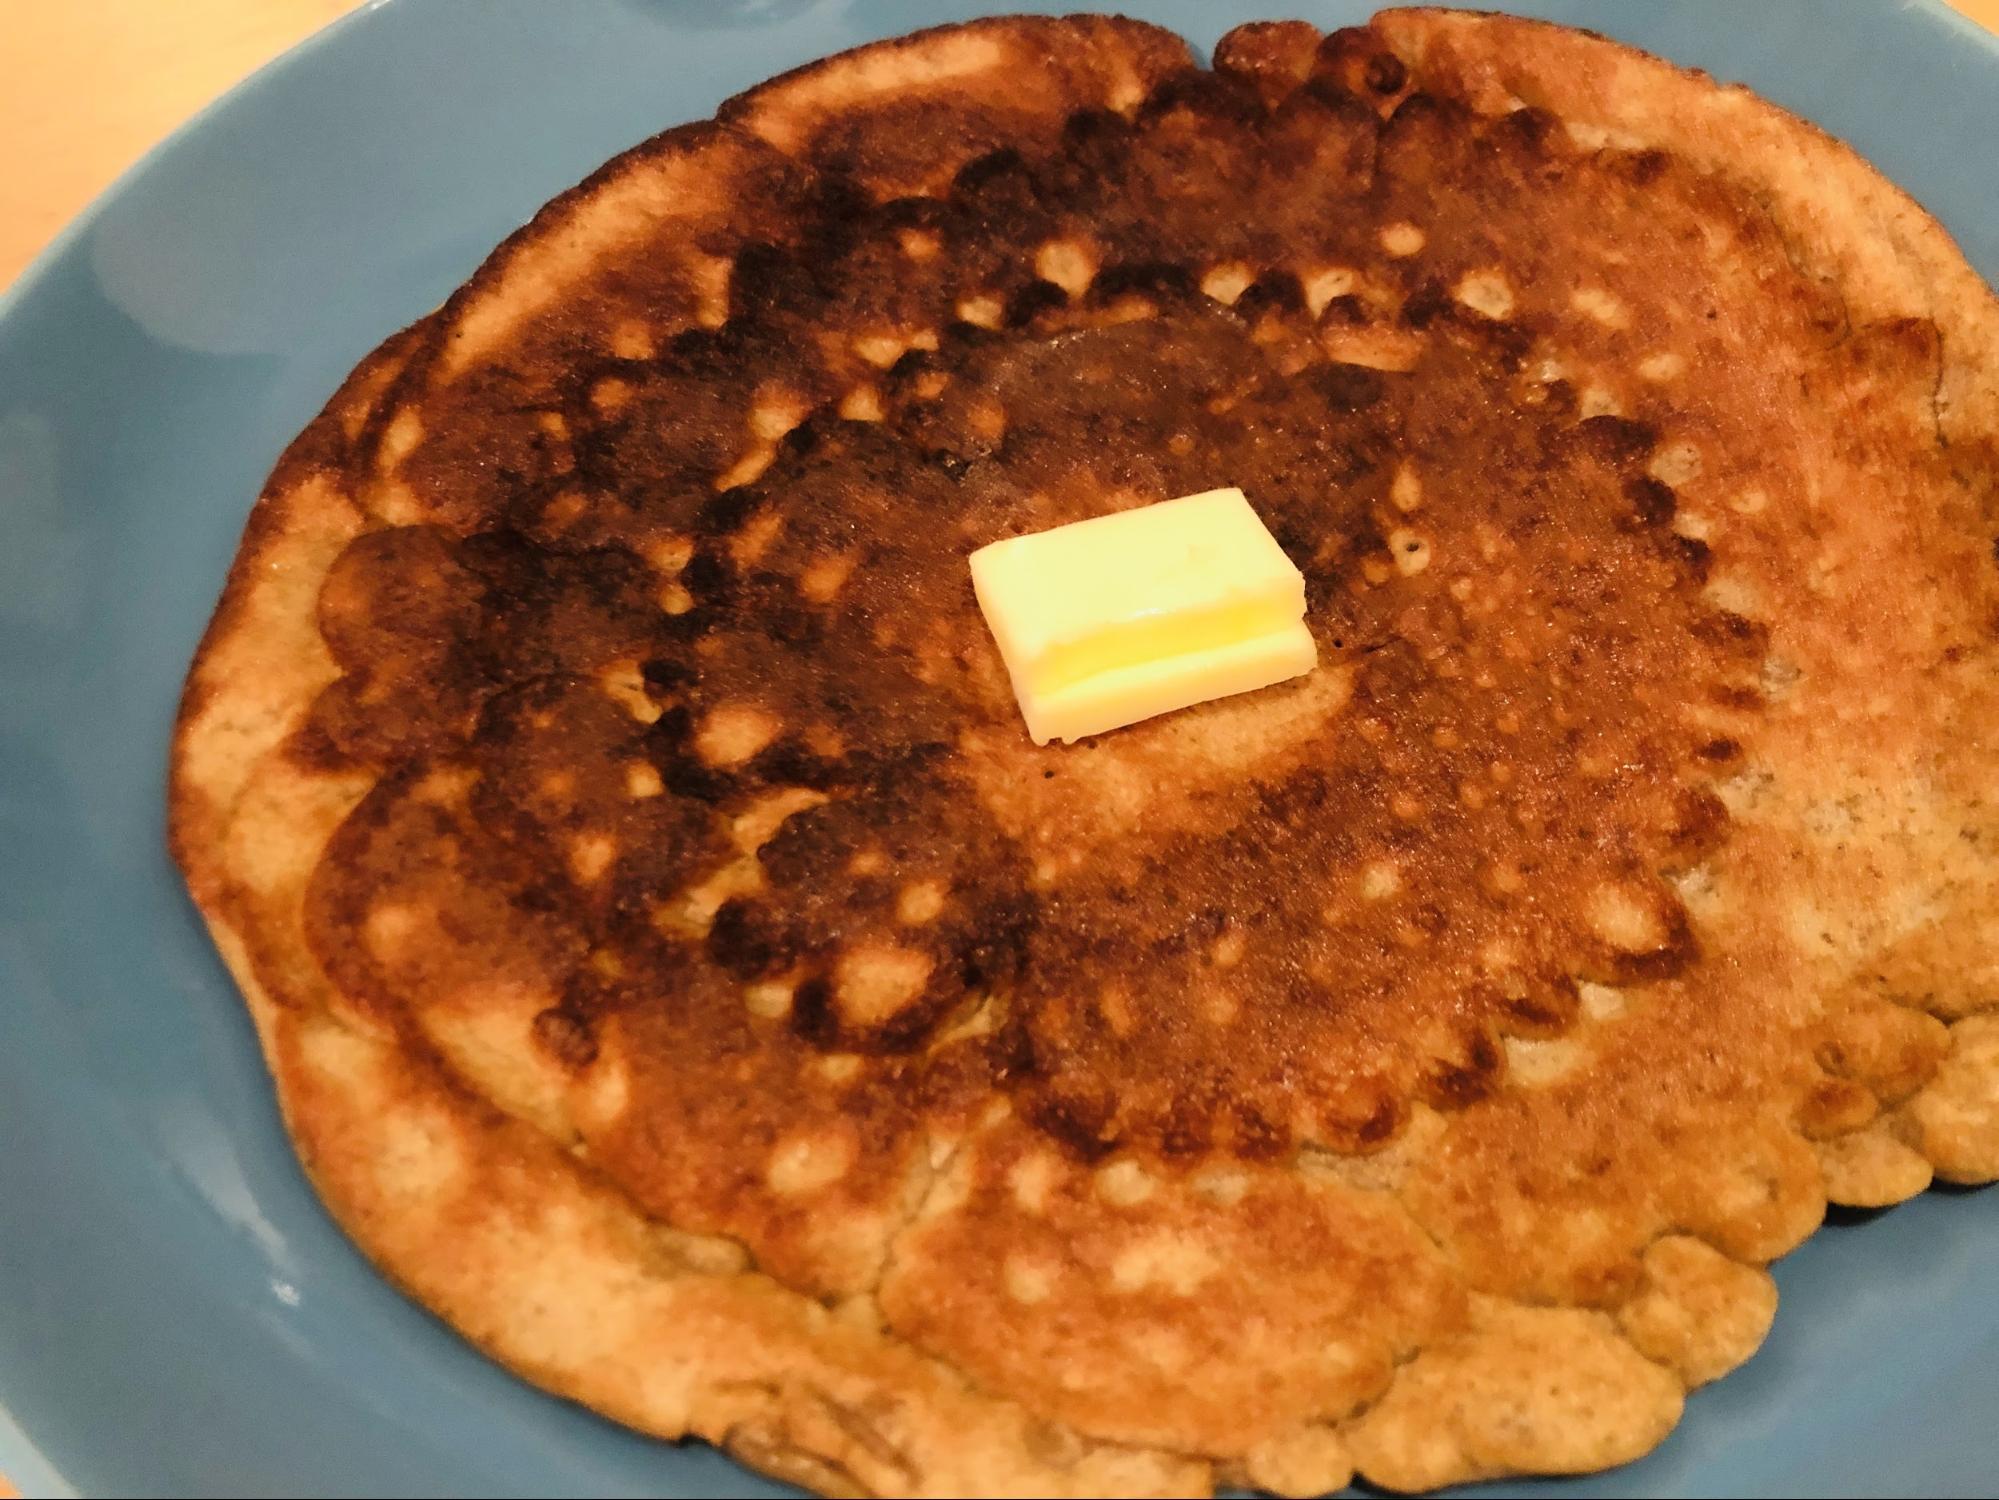 マイプロテインのパンケーキミックスで焼いたパンケーキ